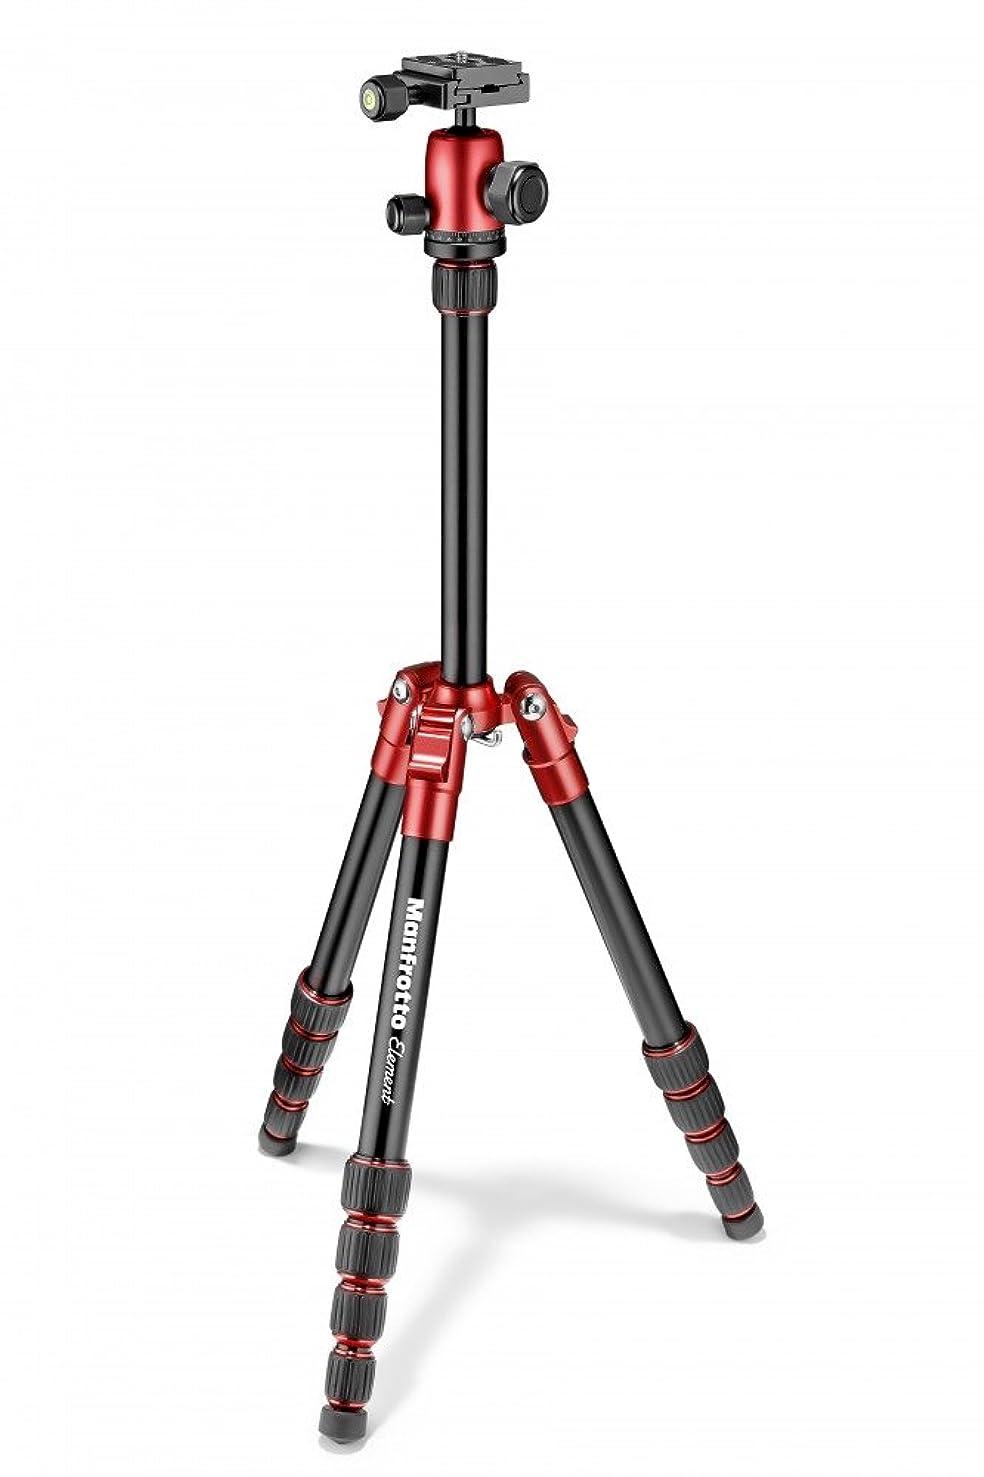 権限を与えるきらめきフィッティングTRIPLE TREE 自由雲台 クイックシュー付き 360度回転可能 アルミ製 バブル水準器付き 最大負荷重量15kgまで (カメラ取付ネジ: 1/4